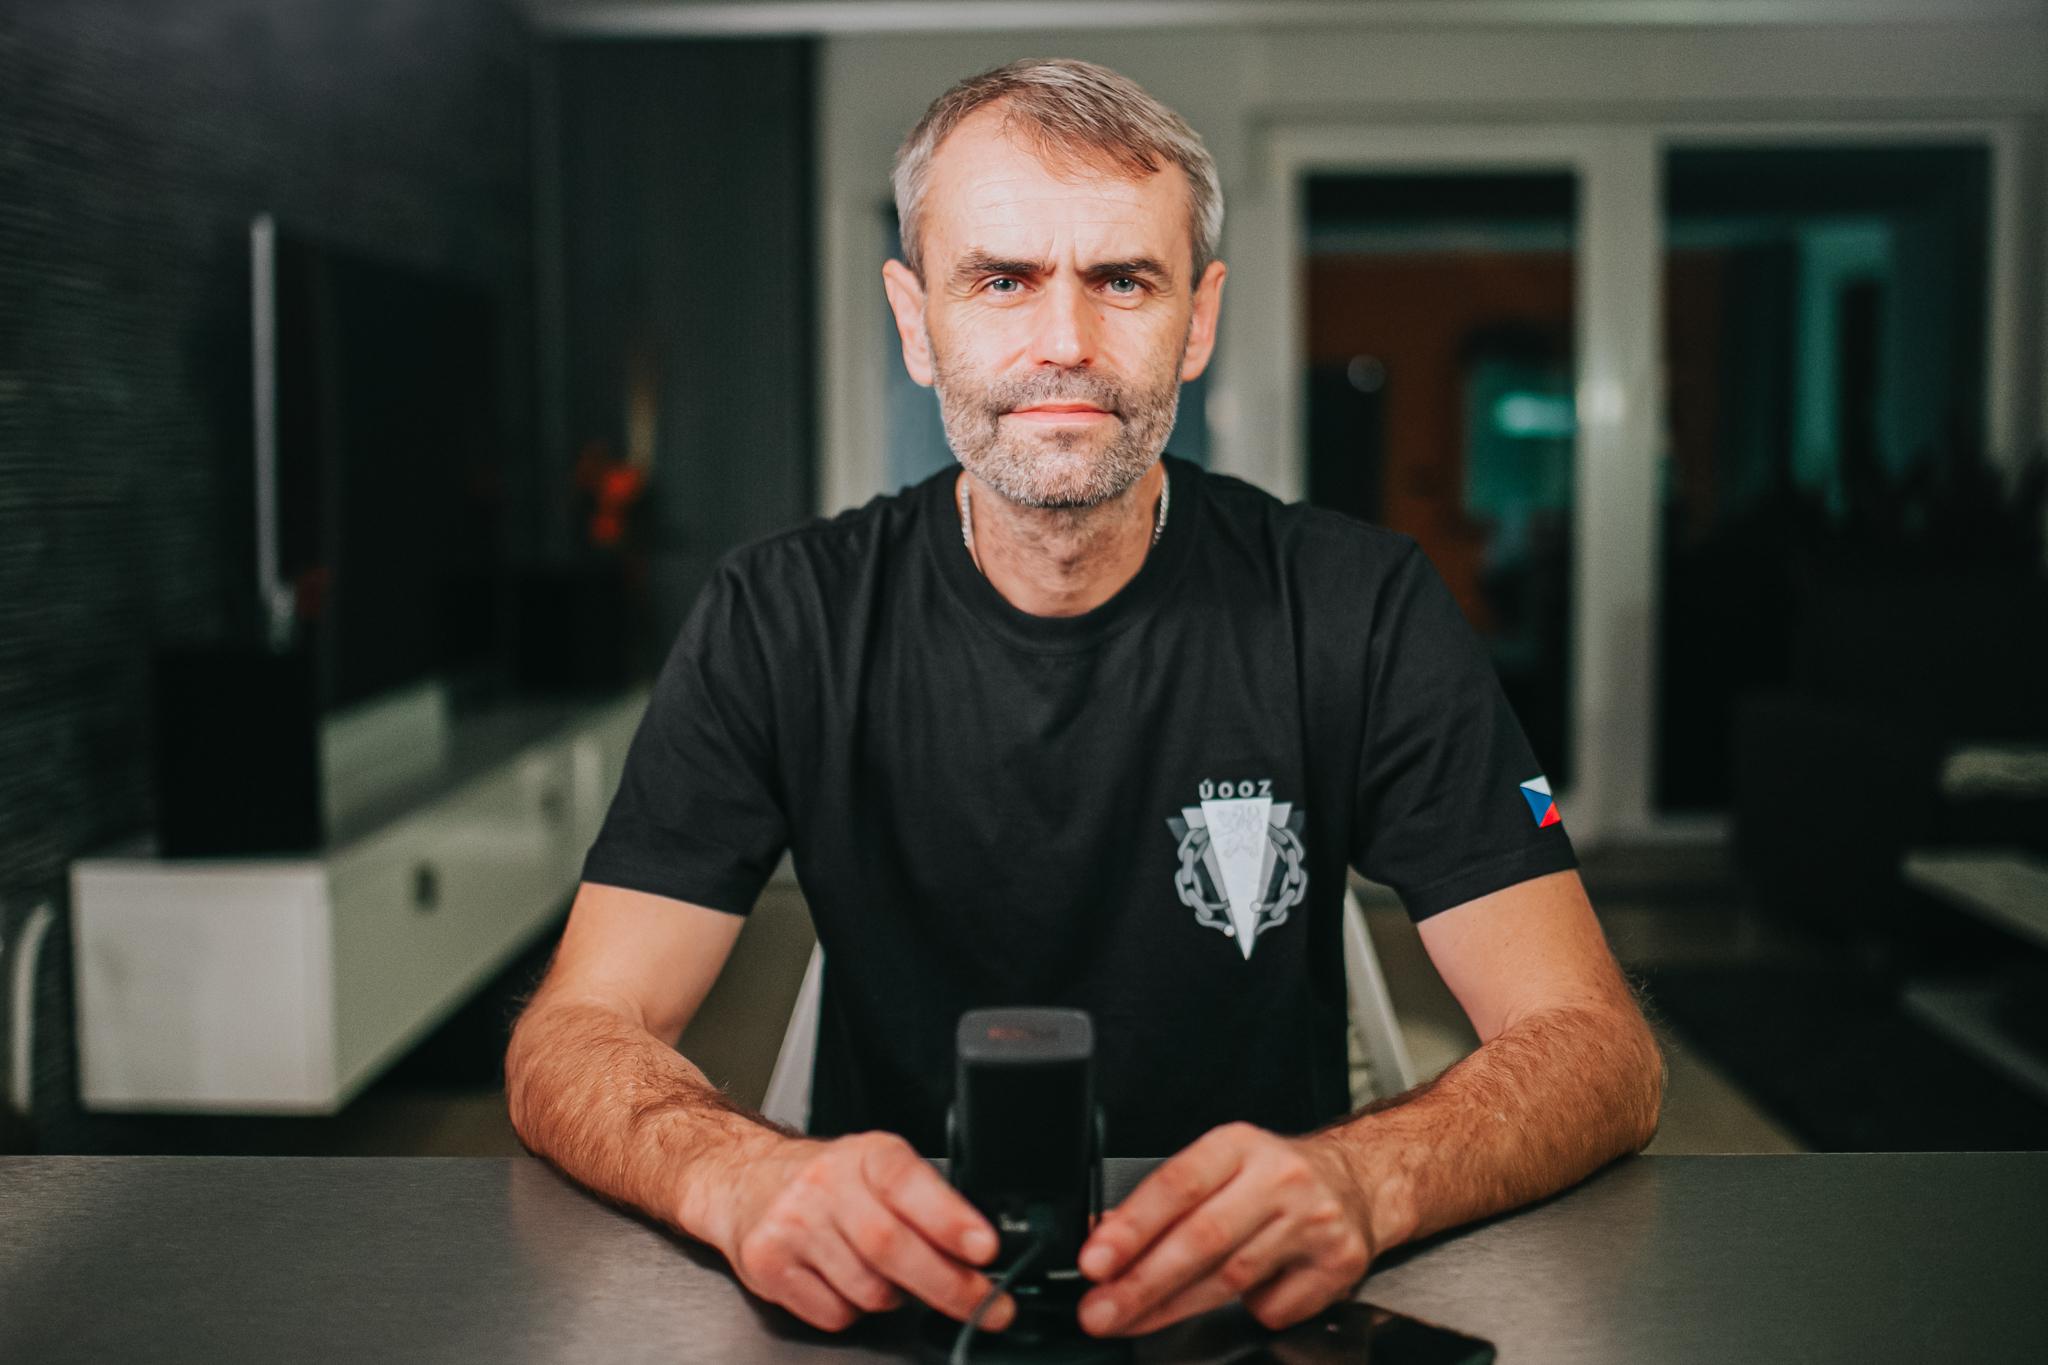 Hnutí Přísaha - Robert Šlachta - Spravedlivé Česko